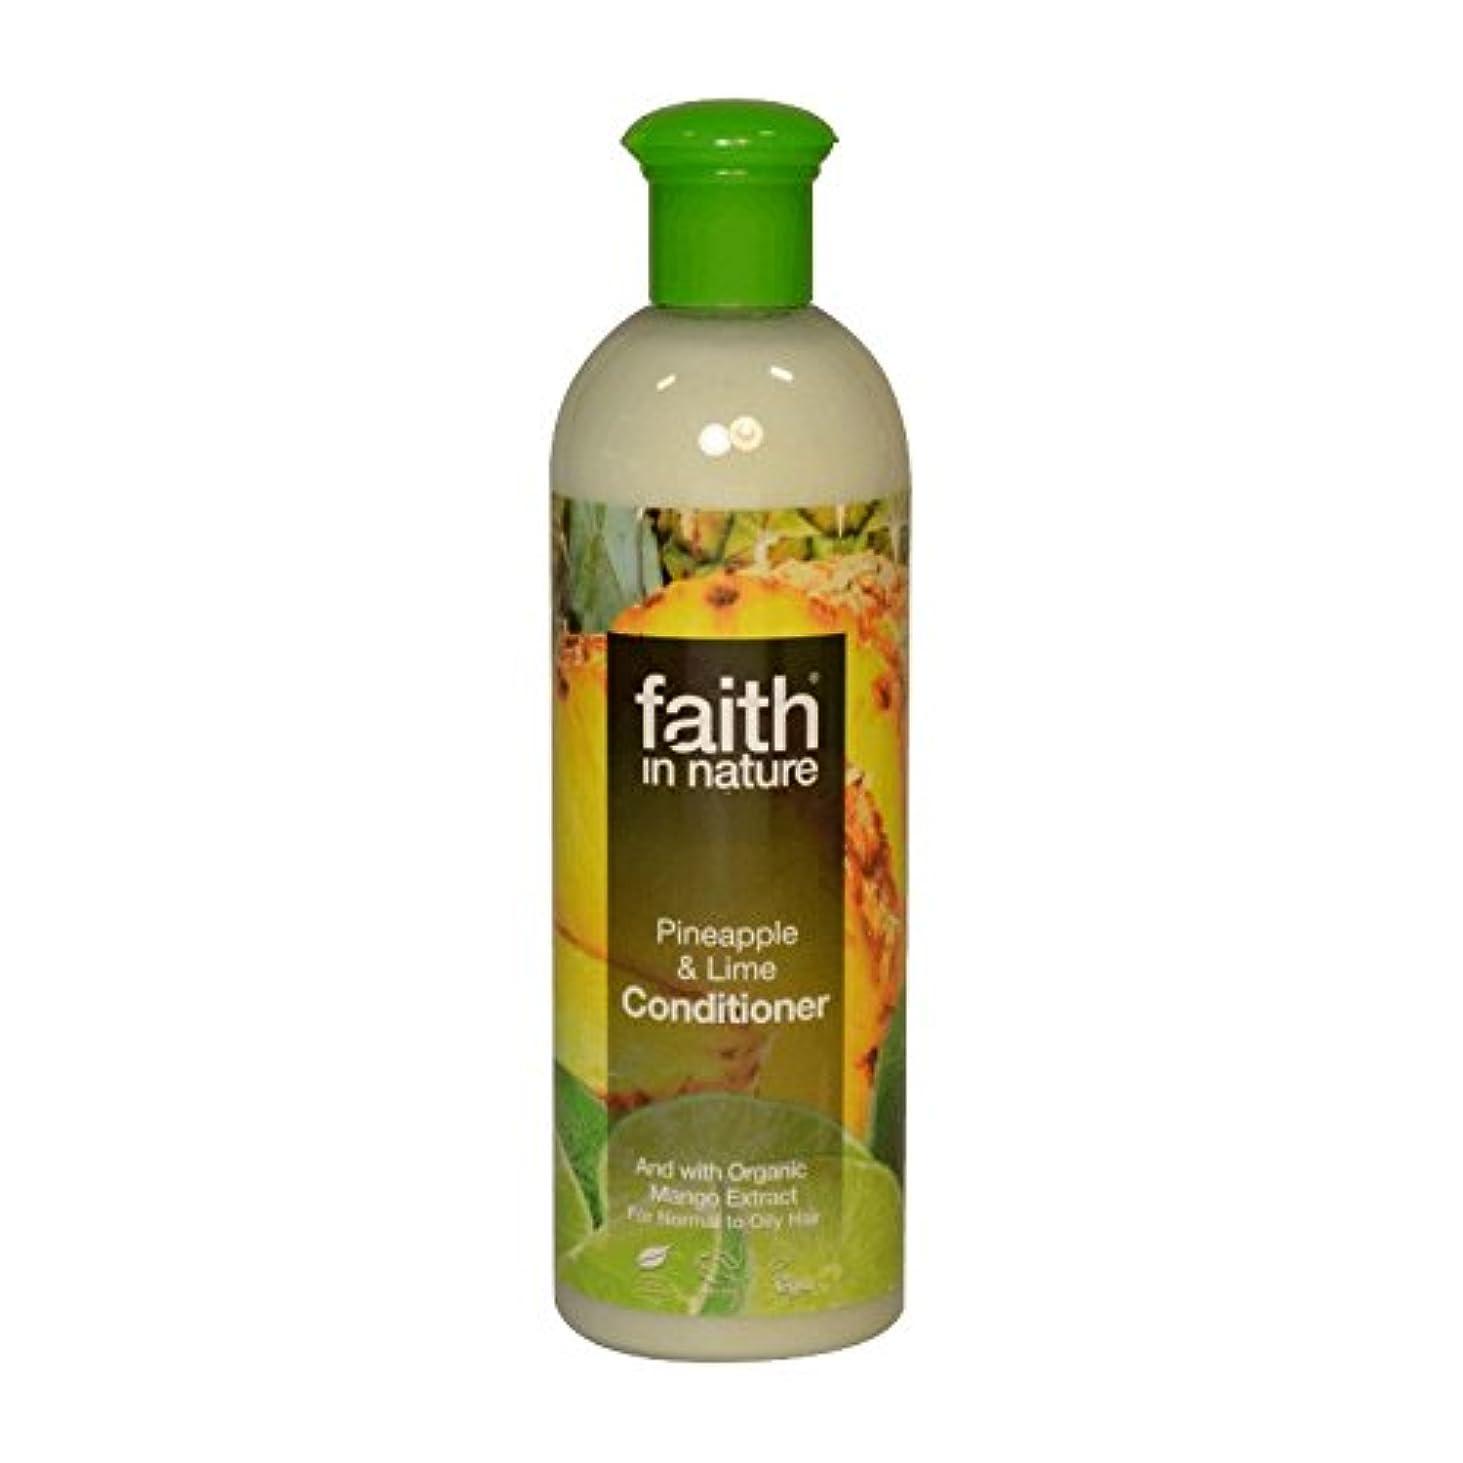 に賛成権限頼むFaith in Nature Pineapple & Lime Conditioner 400ml (Pack of 2) - 自然パイナップル&ライムコンディショナー400ミリリットルの信仰 (x2) [並行輸入品]